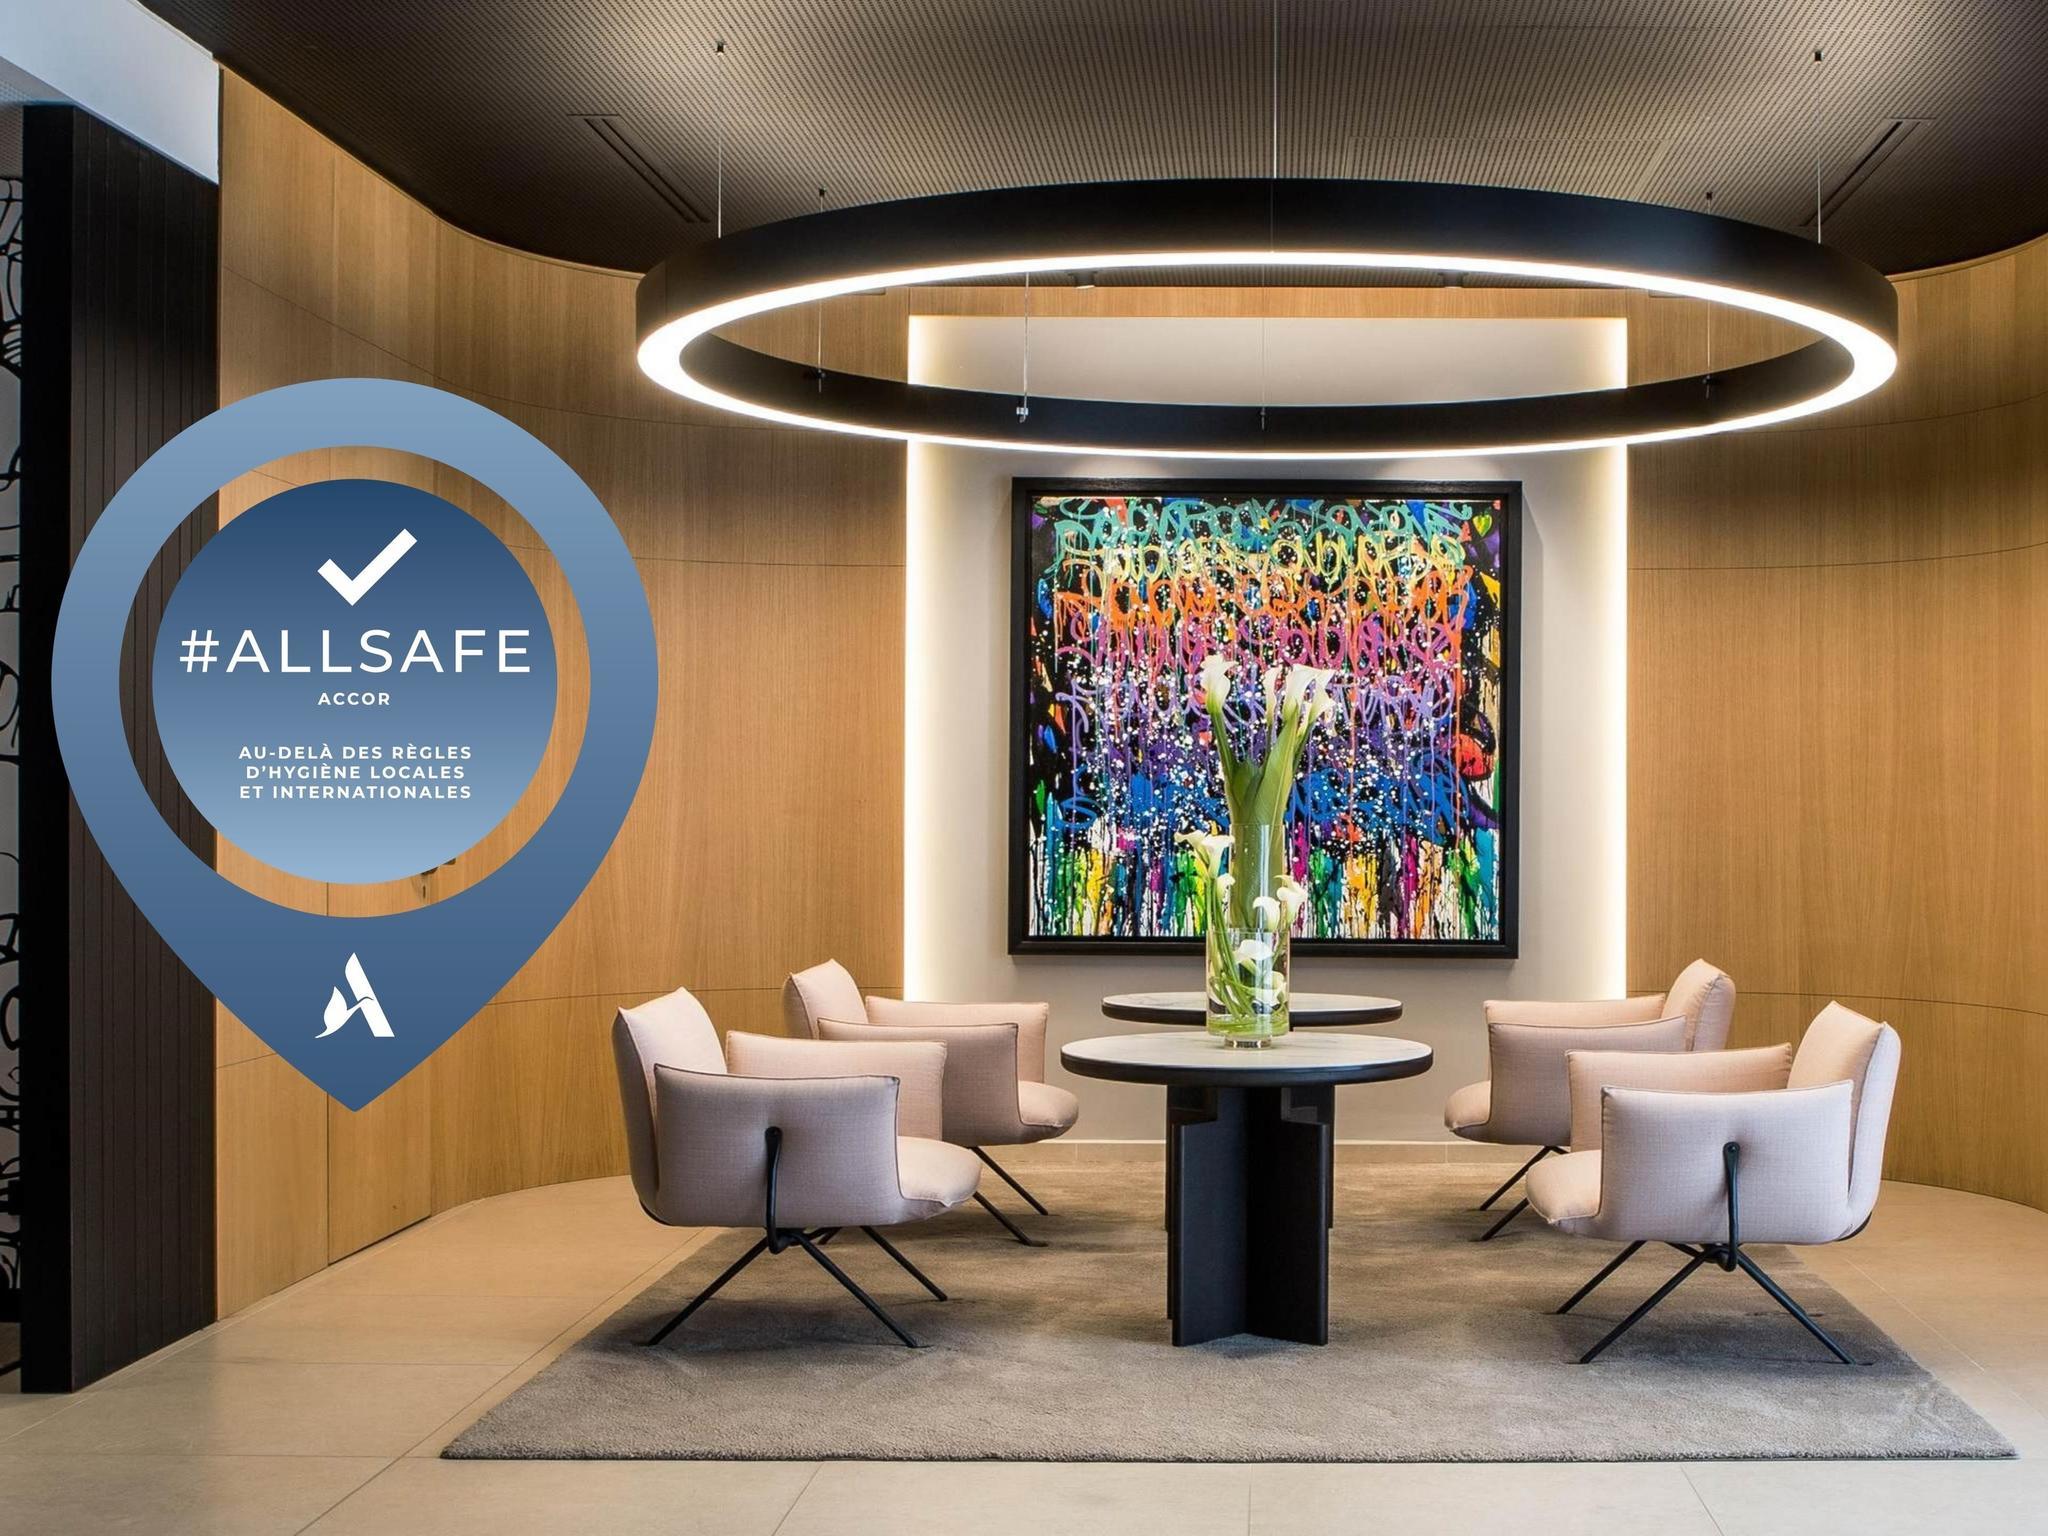 فندق - فندق مركيور Mercure باريس 17 باتينيول، يفتح في مايو 2018